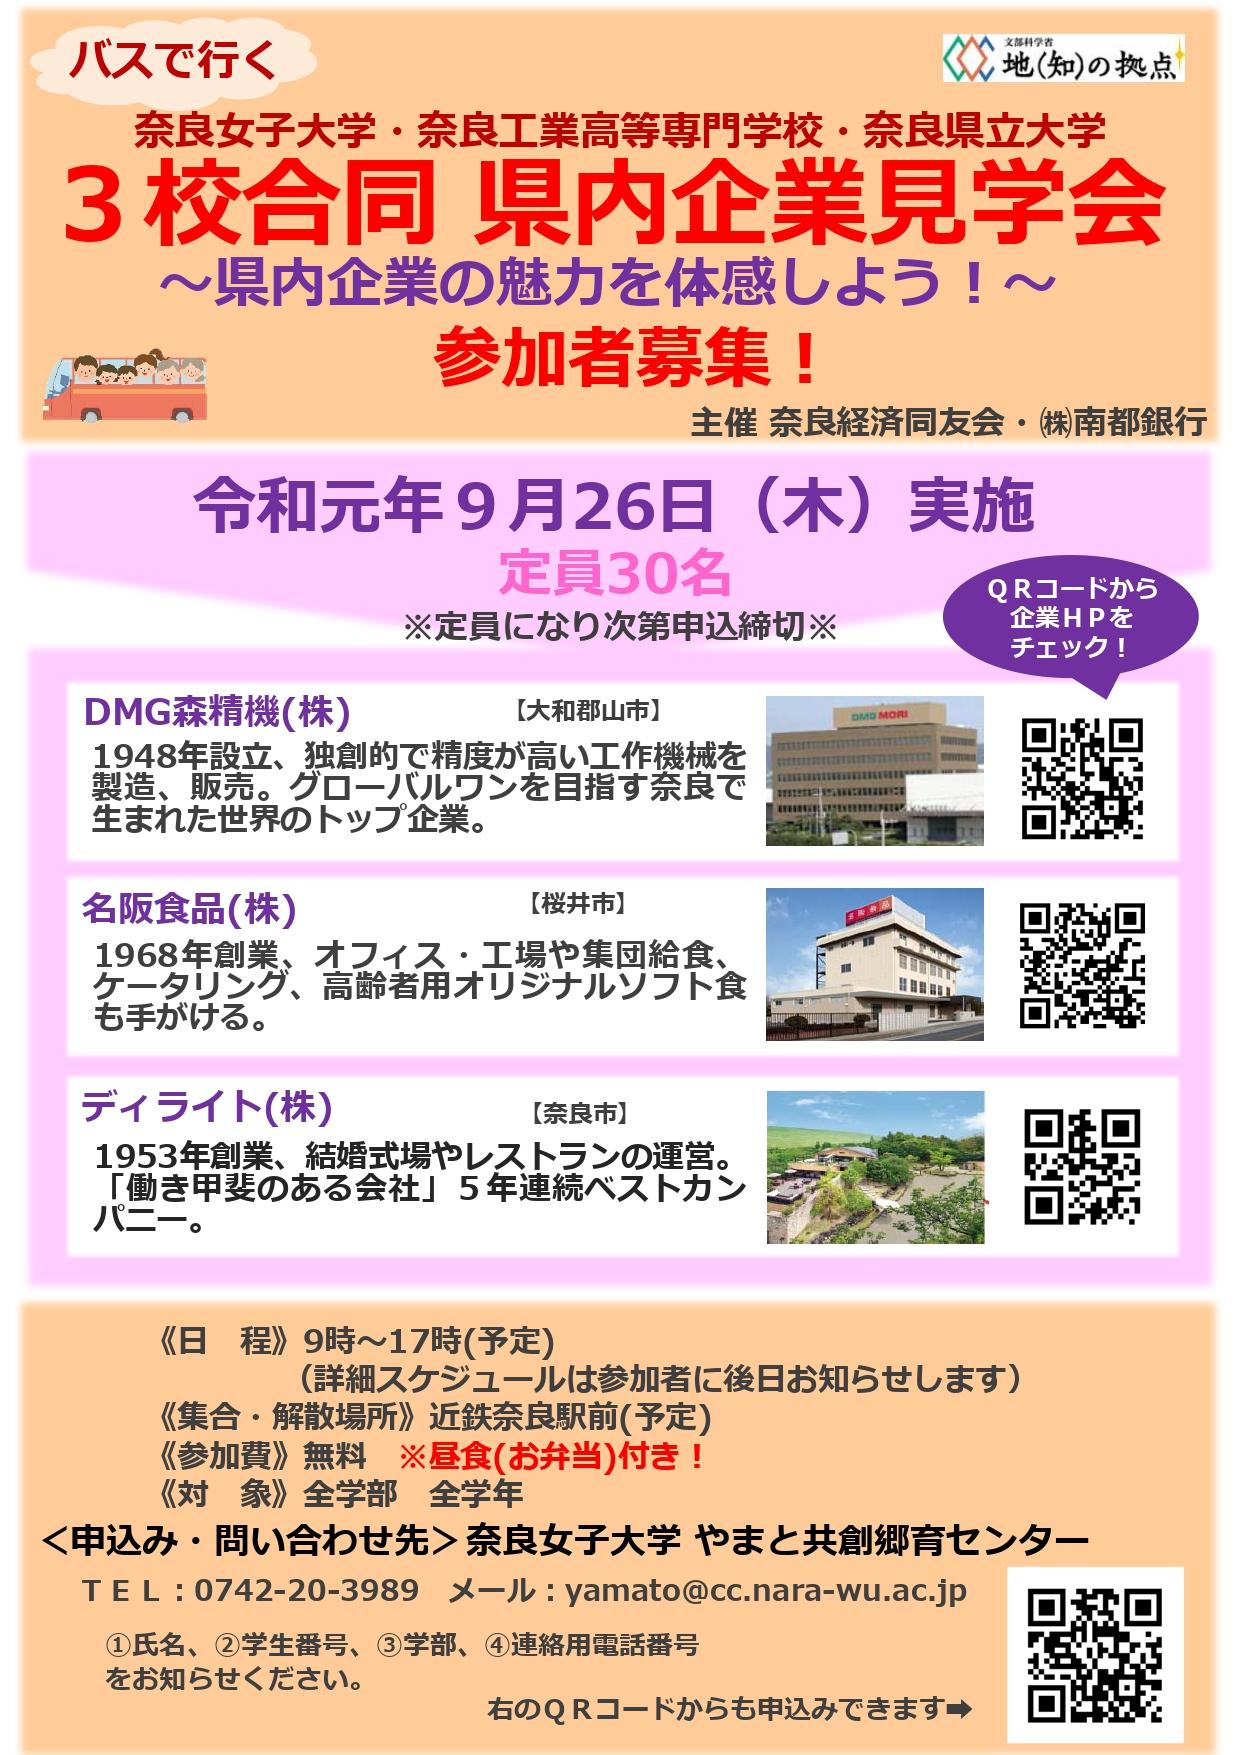 3校合同企業見学会2019チラシ.jpg